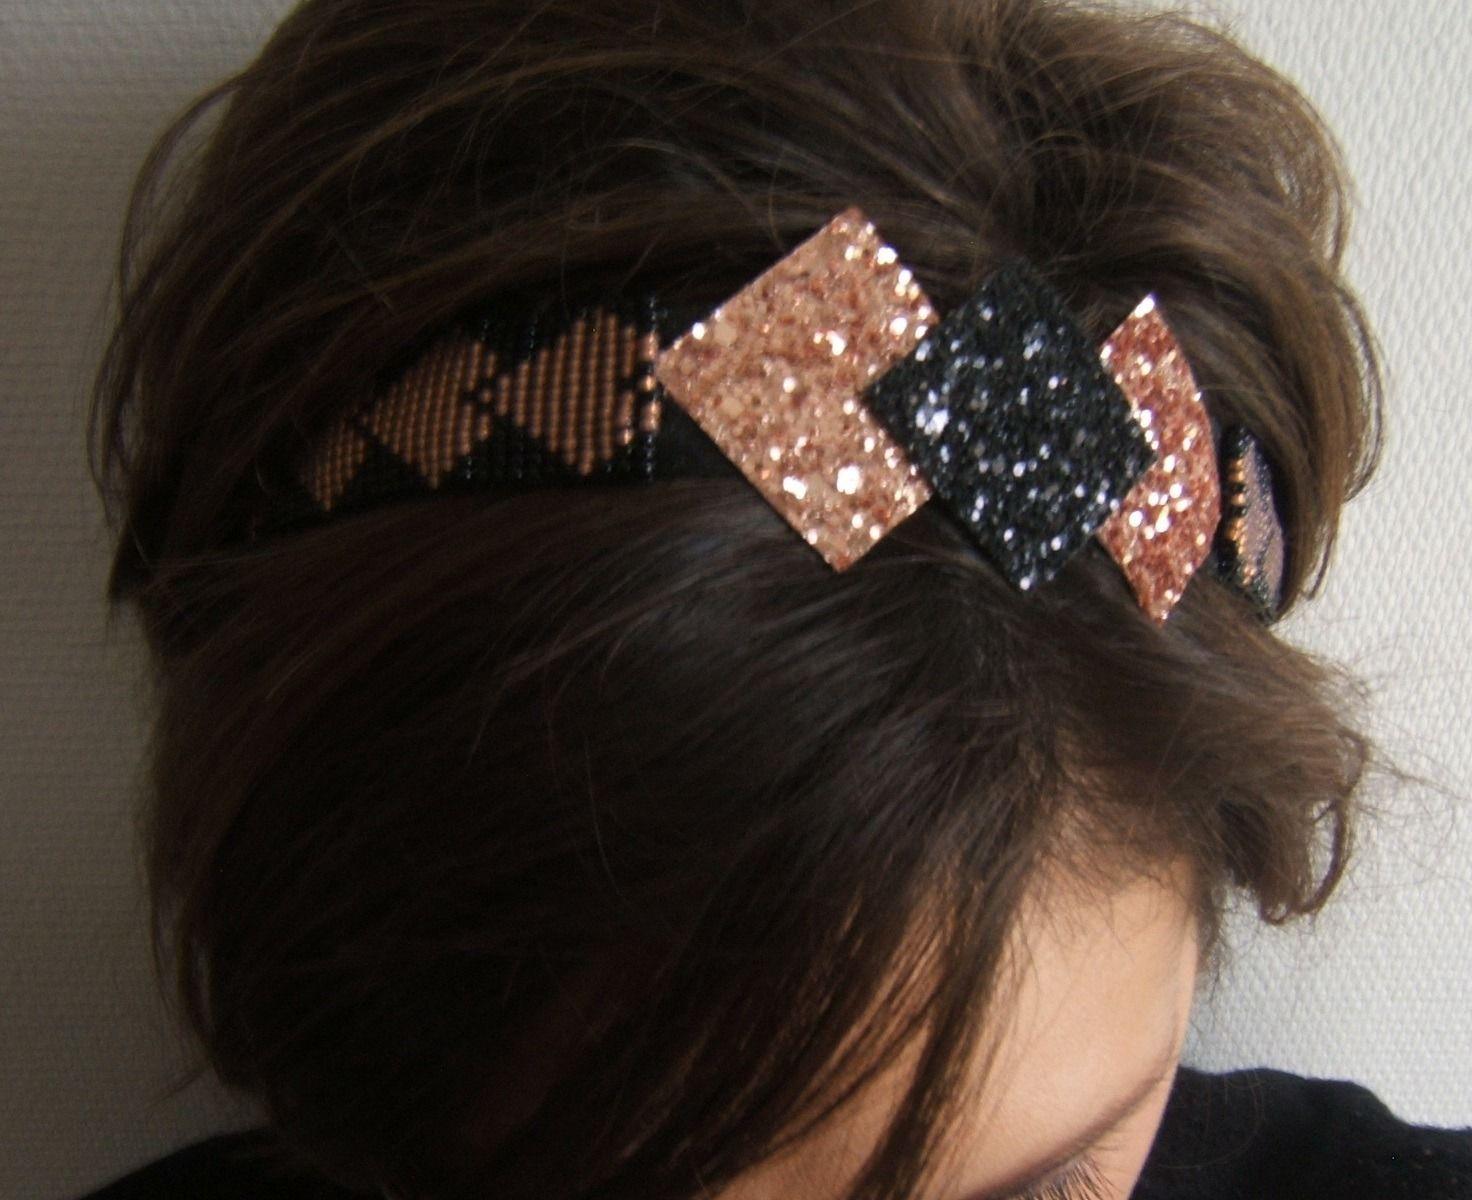 Bijou de tête, Bandeau Cheveux, Serre Tête, Headband Réglable Tissé en  Perles et Paillettes Glitter Noir et Or Rose  Accessoires coiffure par  emma,shop